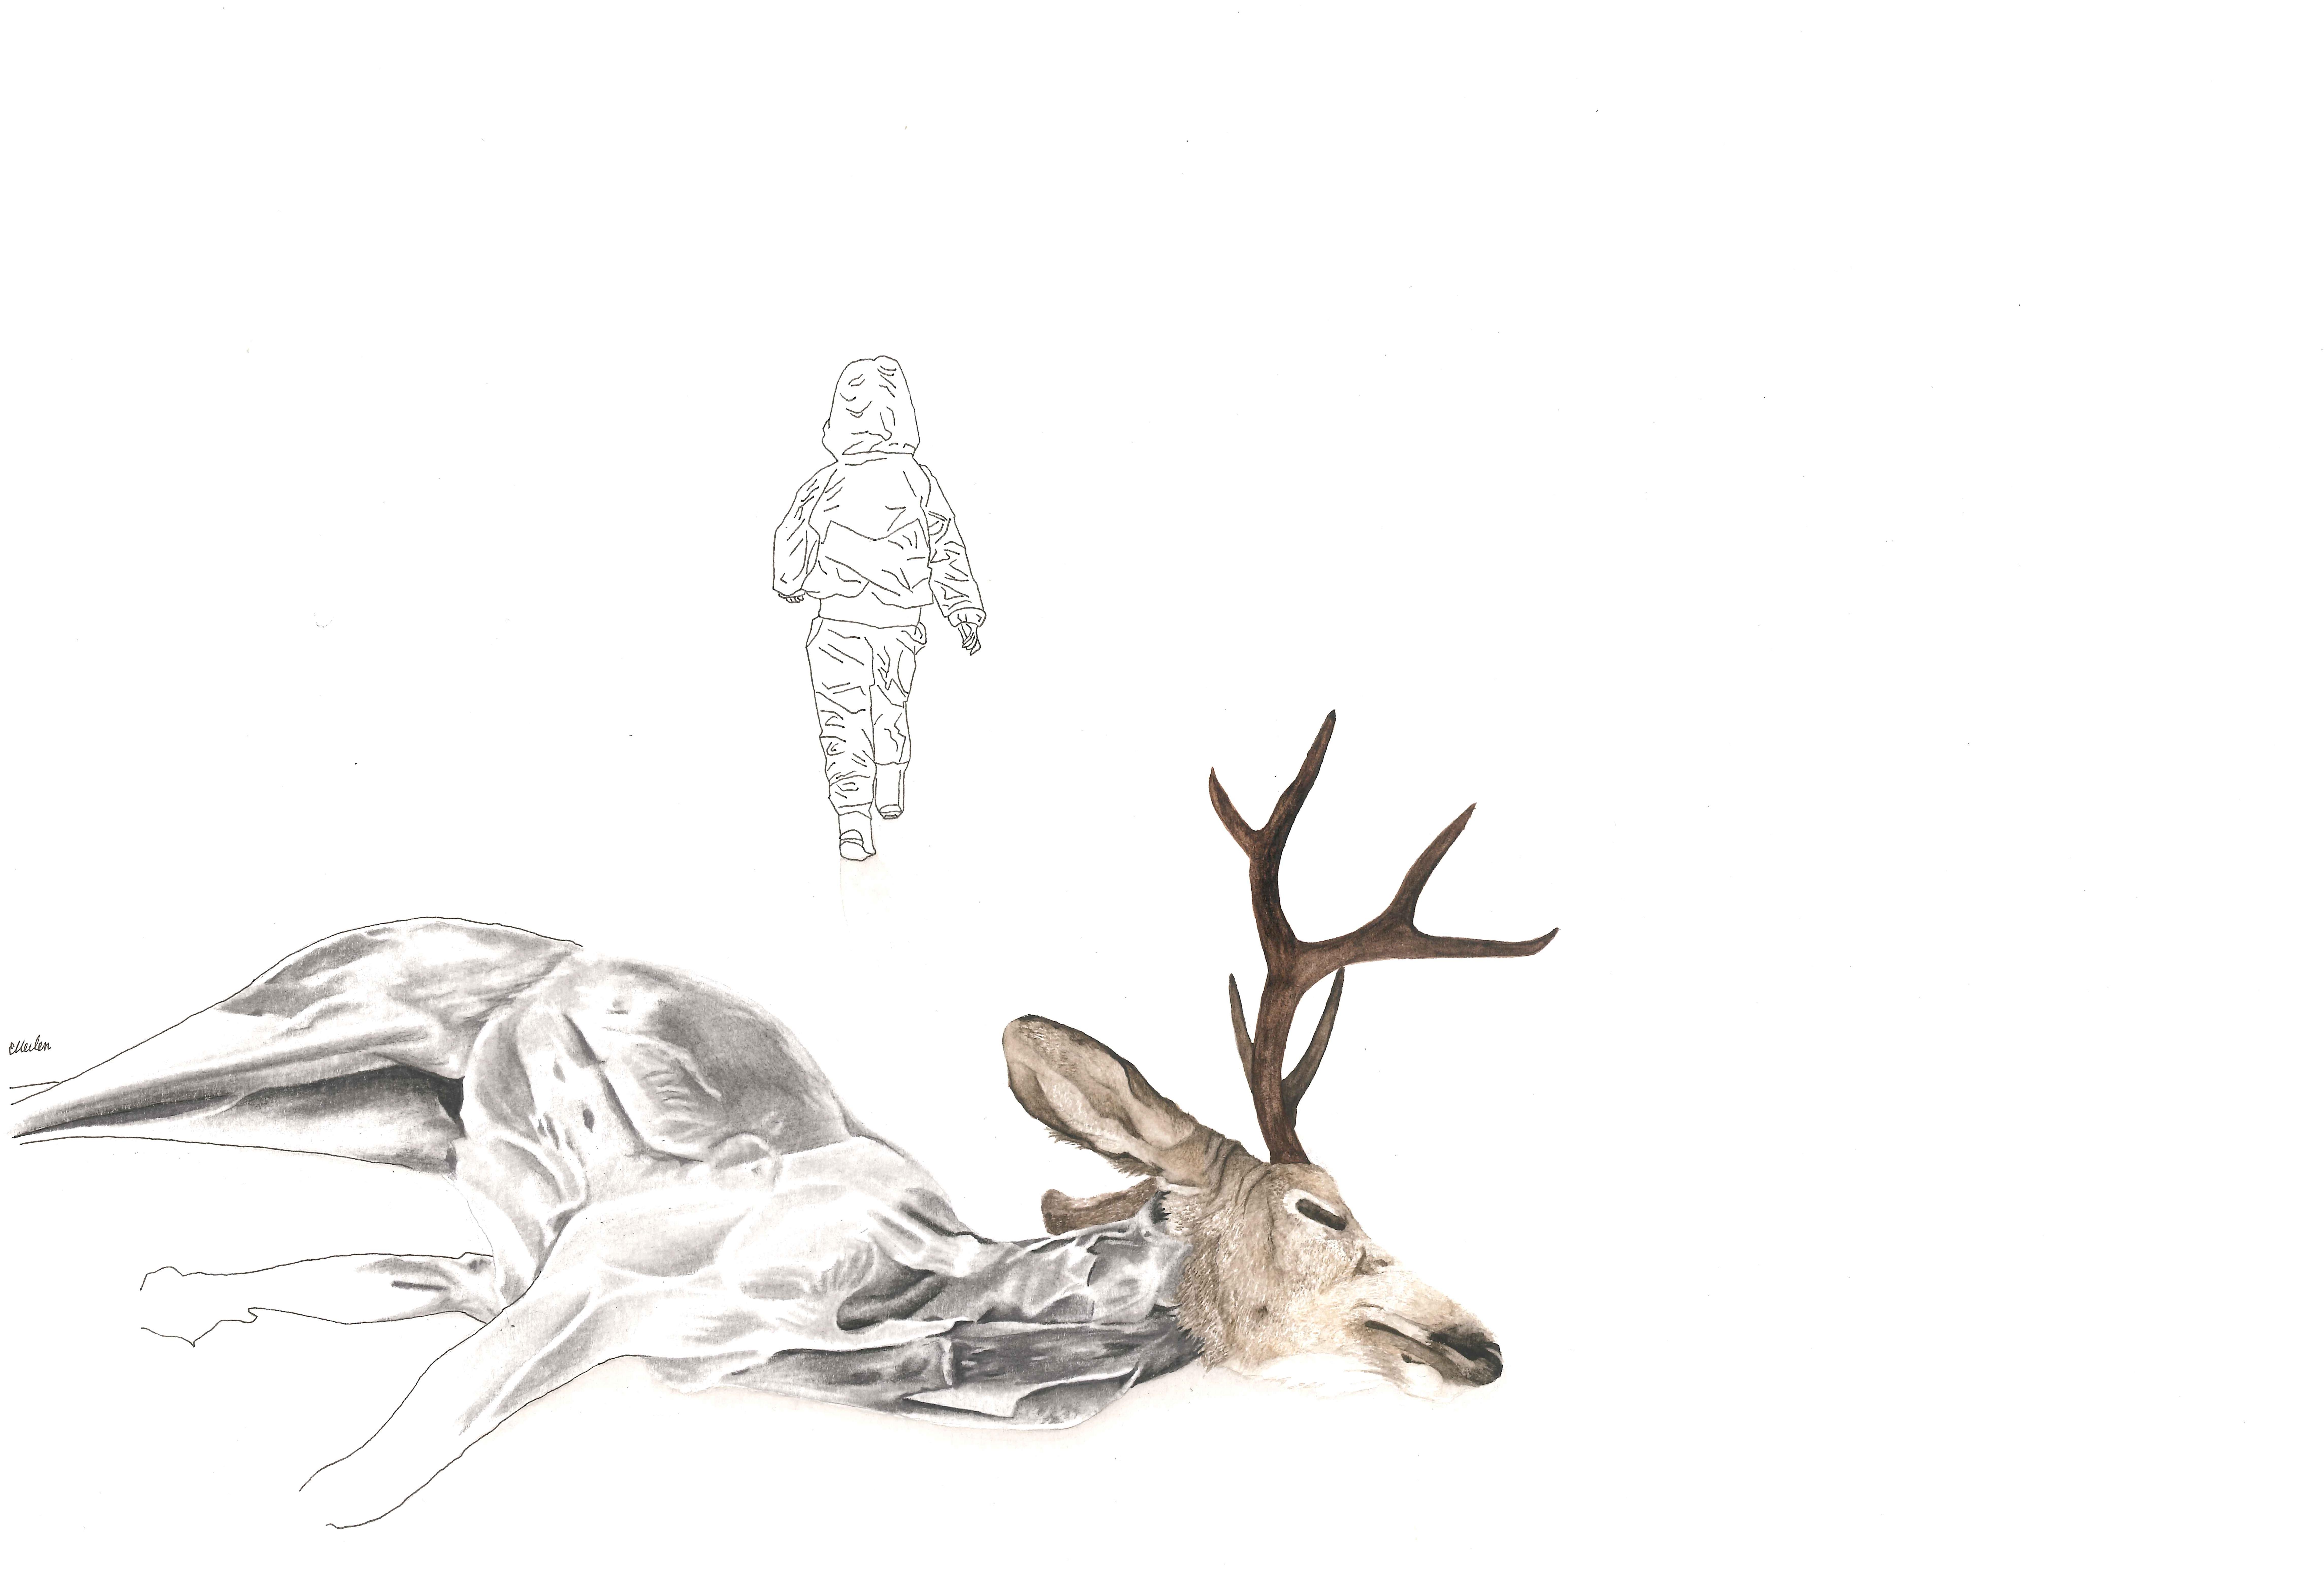 dessin_enfant1